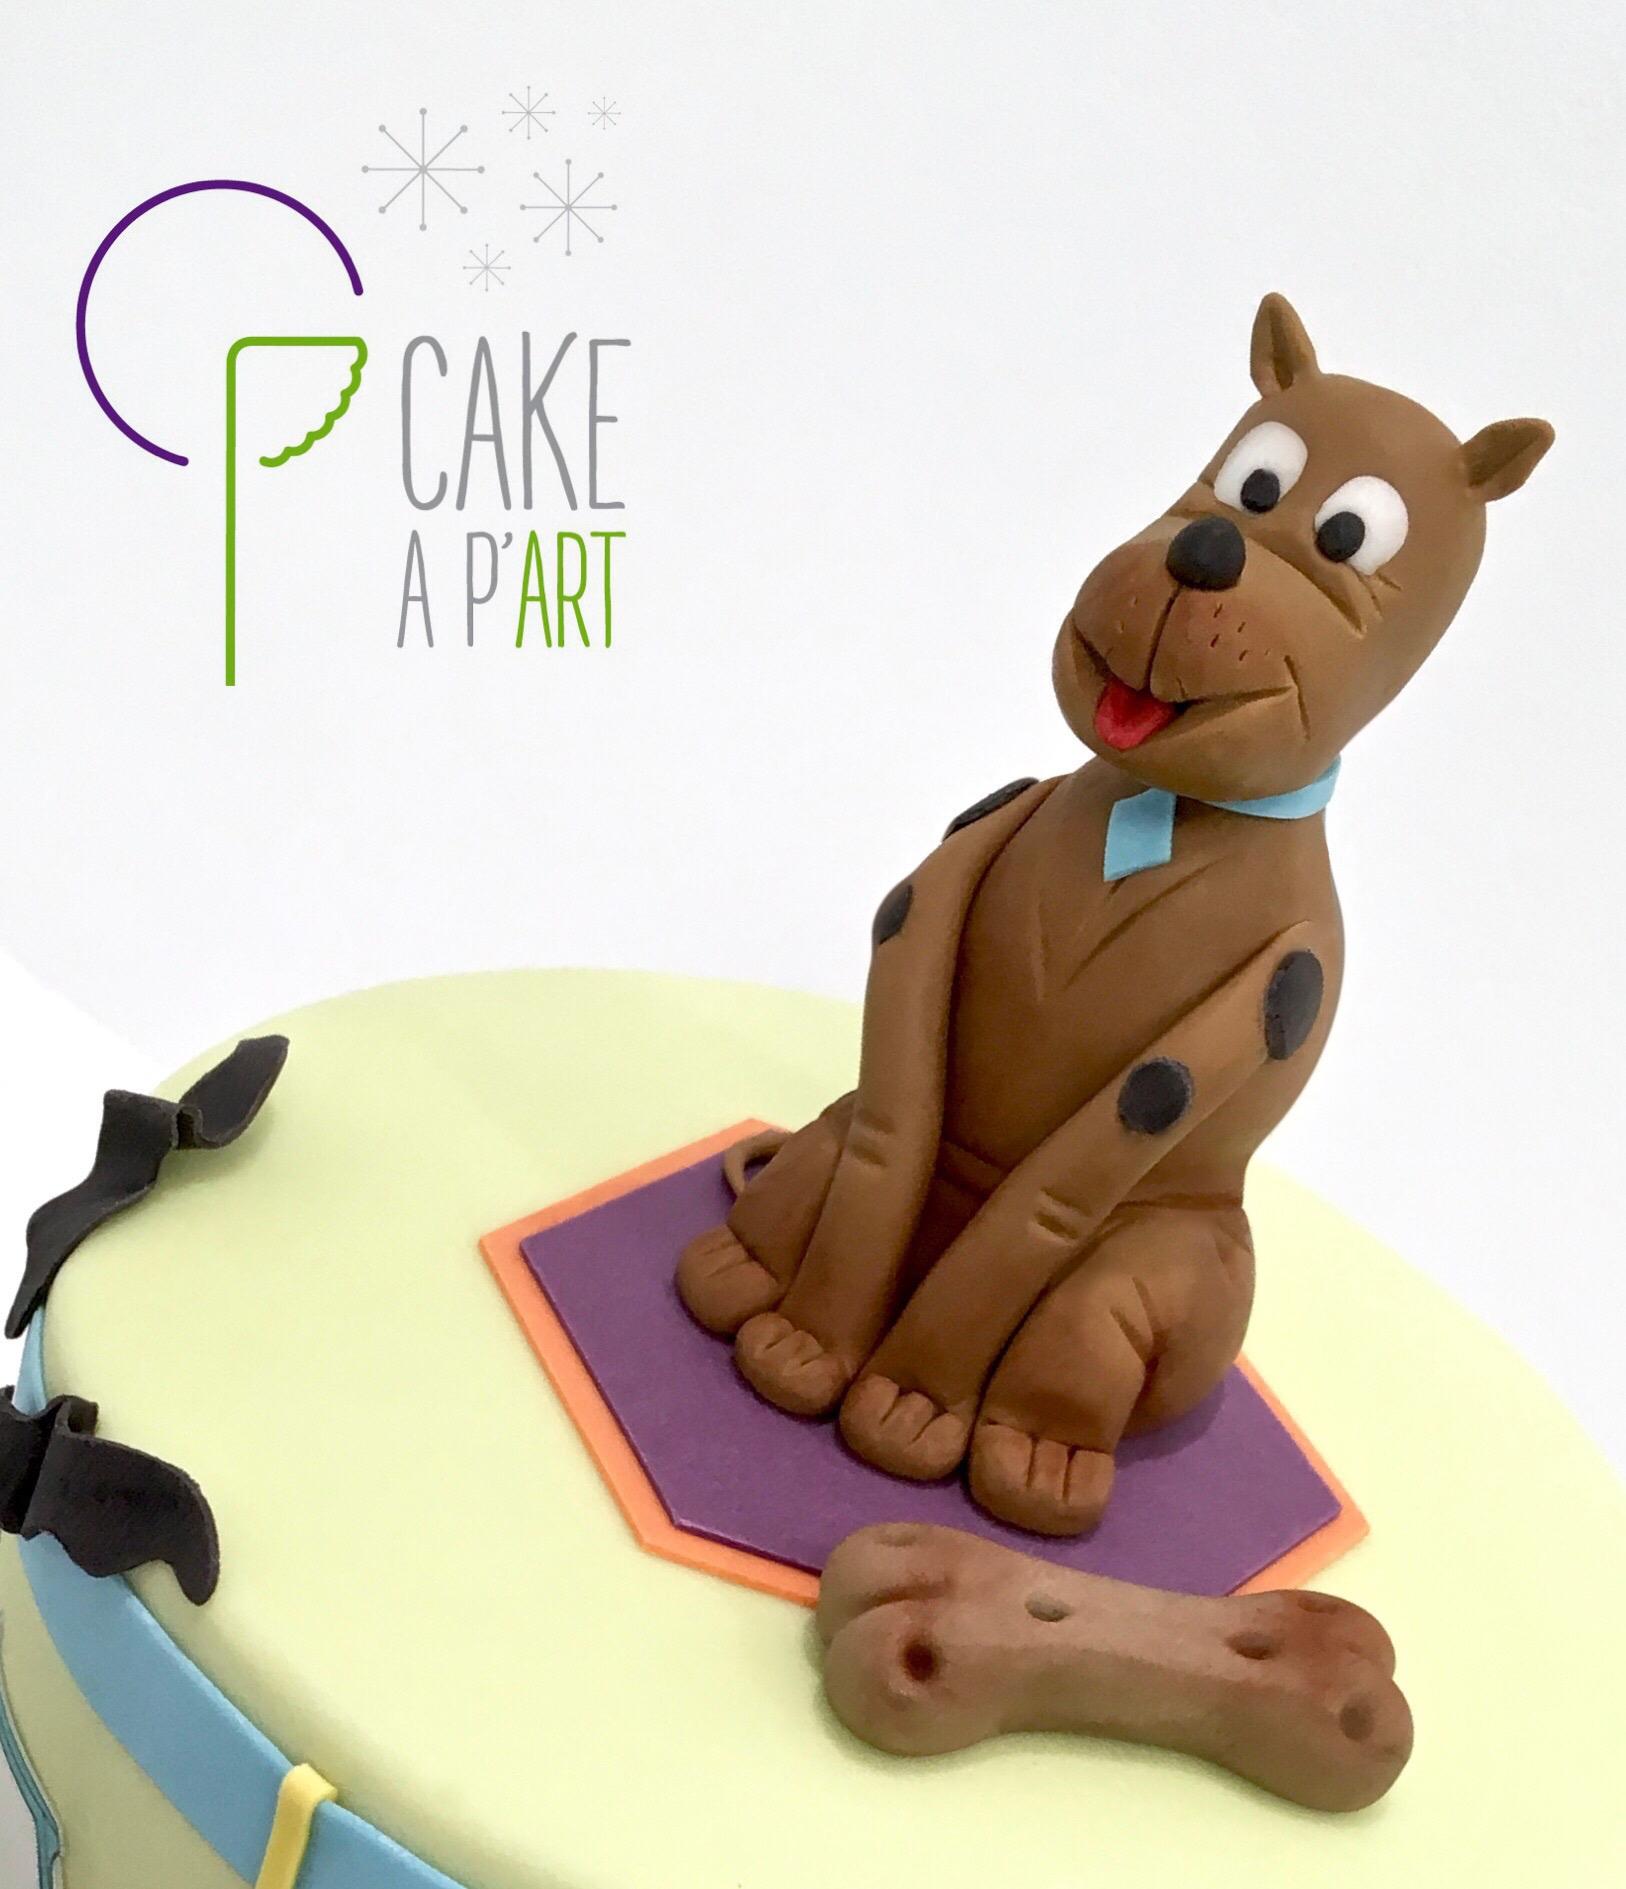 Décor modelage en sucre gâteaux personnalisés - Anniversaire Thème Scooby Doo